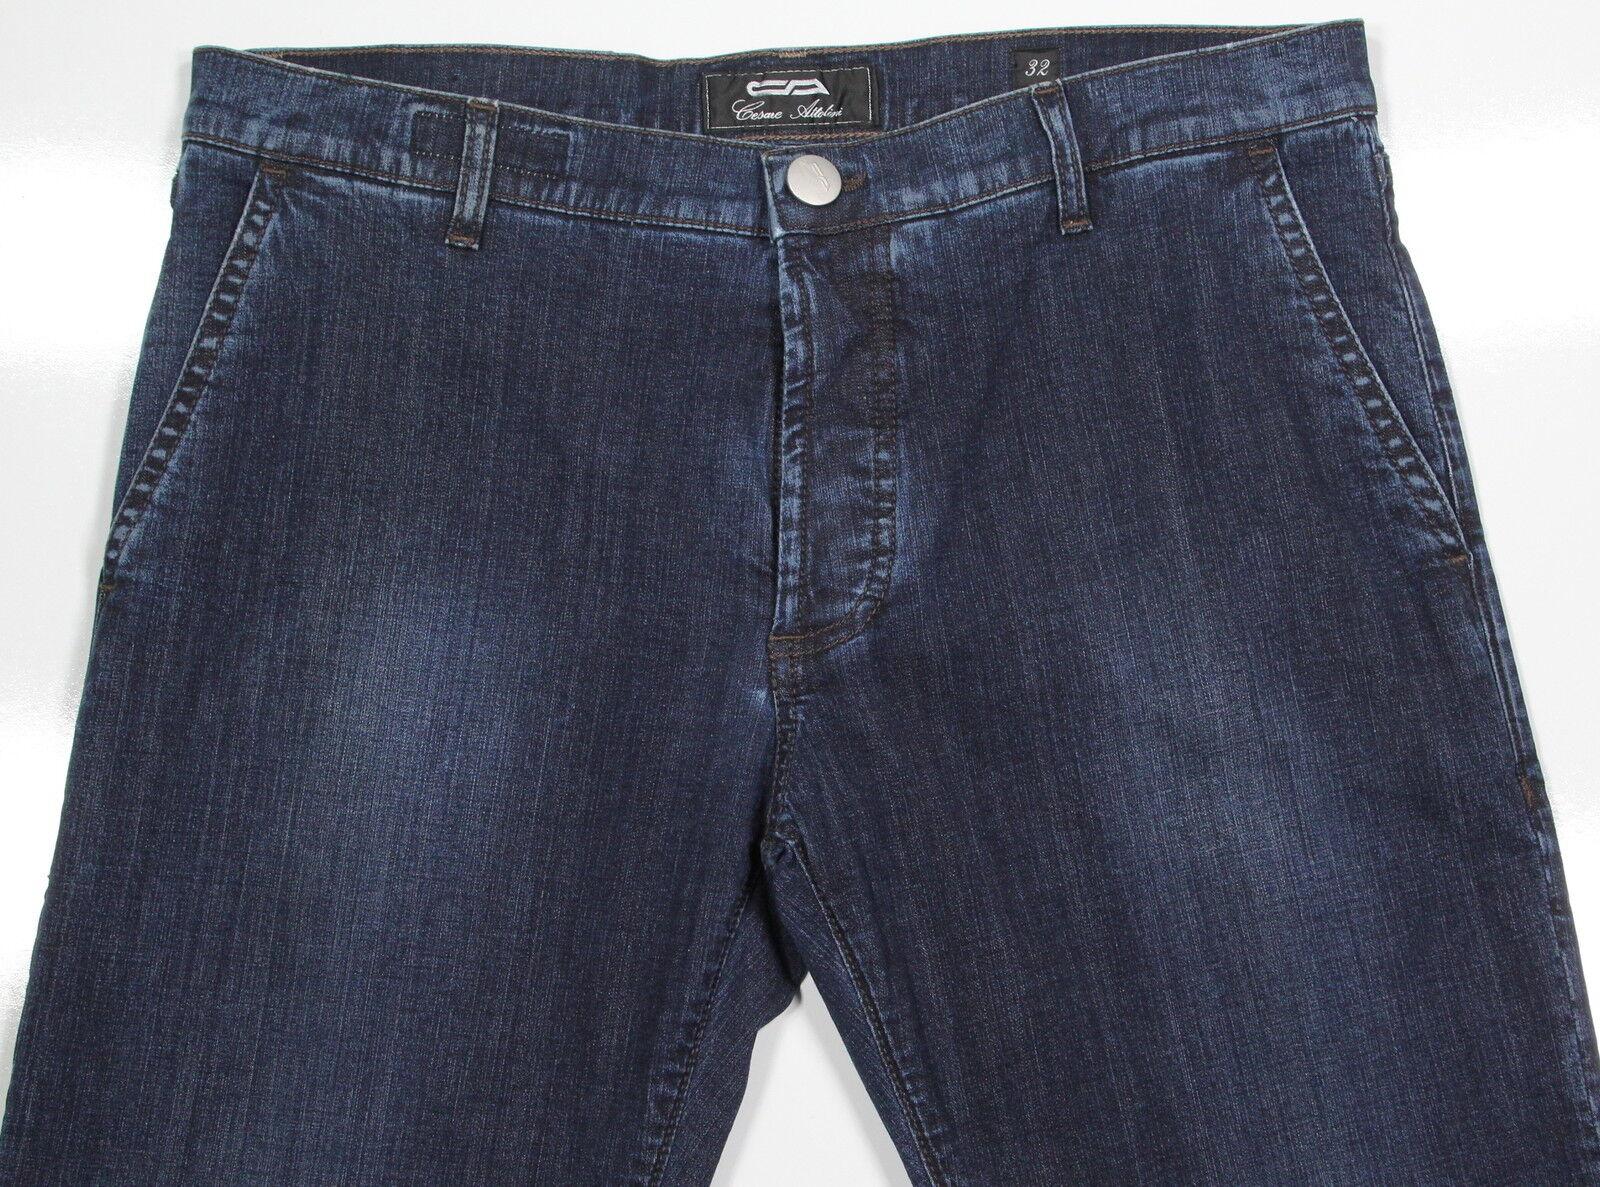 Nwt Nuovi Cesare Cesare Cesare Attolini 2018 Lavaggio Capi Scuri Slim Jeans Stretch 32 x 33 d8a560